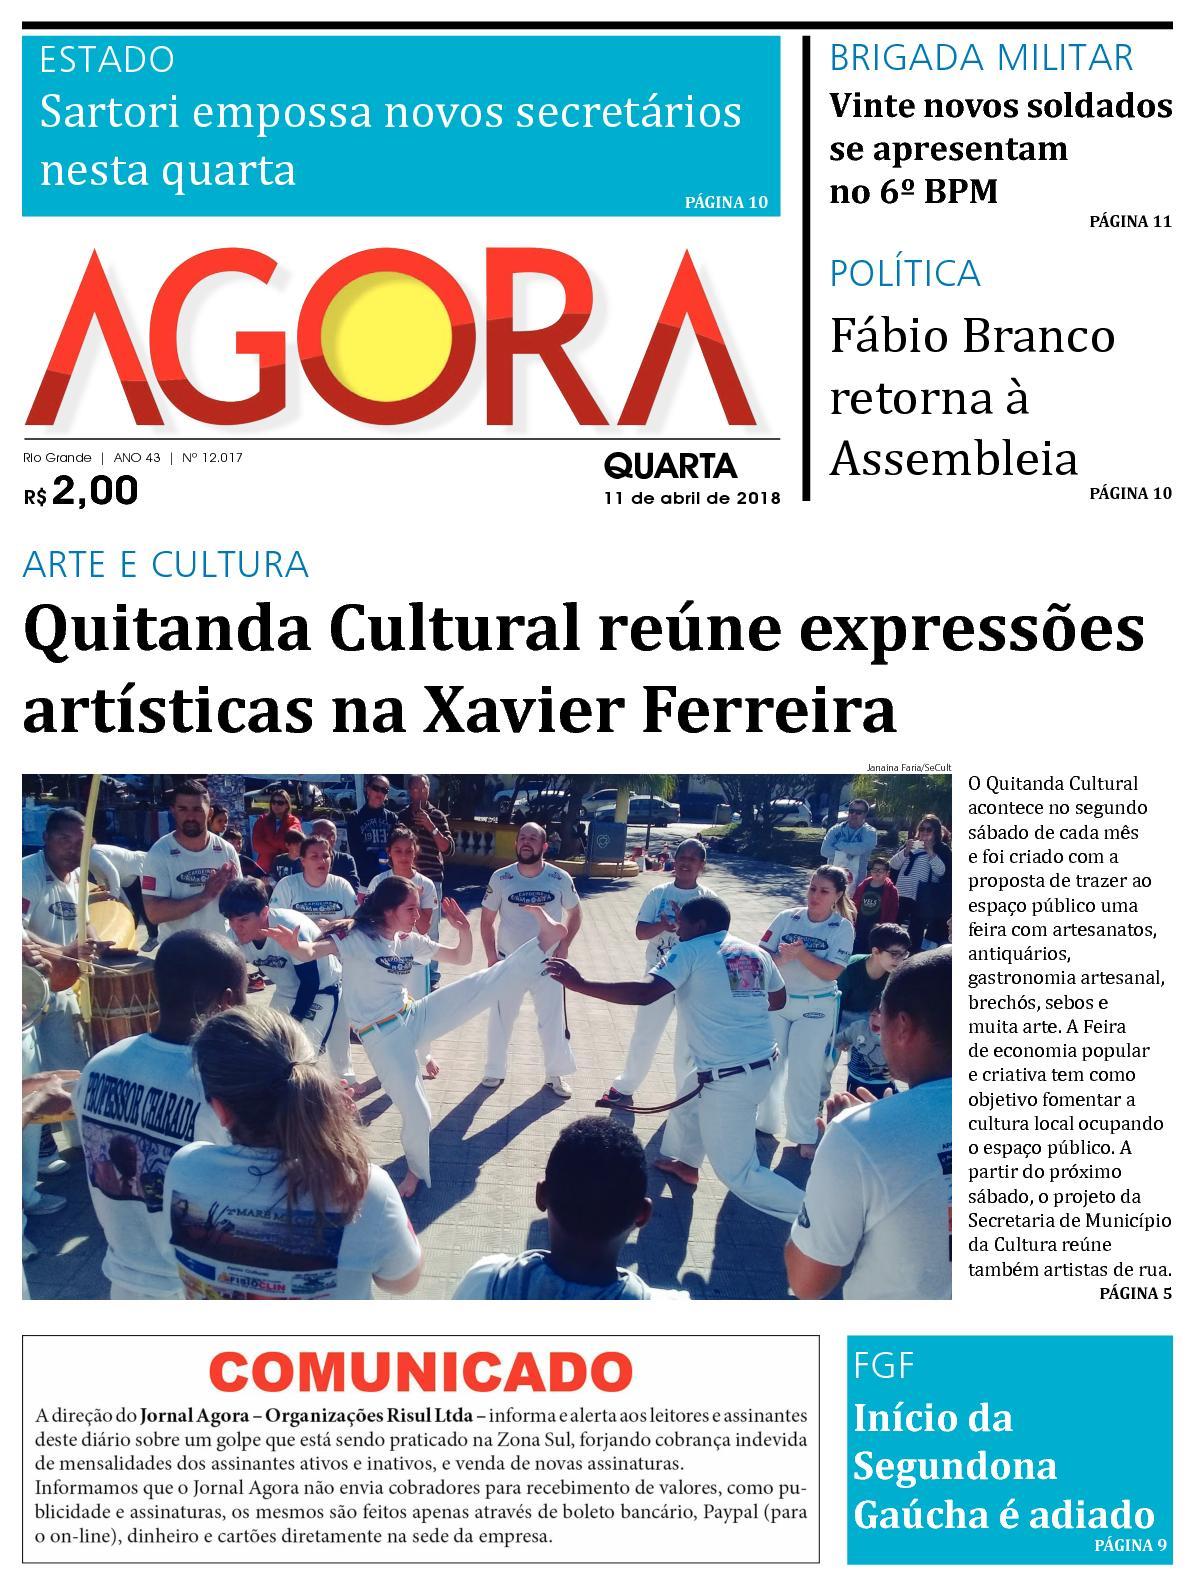 8268a5e3f Calaméo - Jornal Agora - Edição 12017 - 11 de Abril de 2018